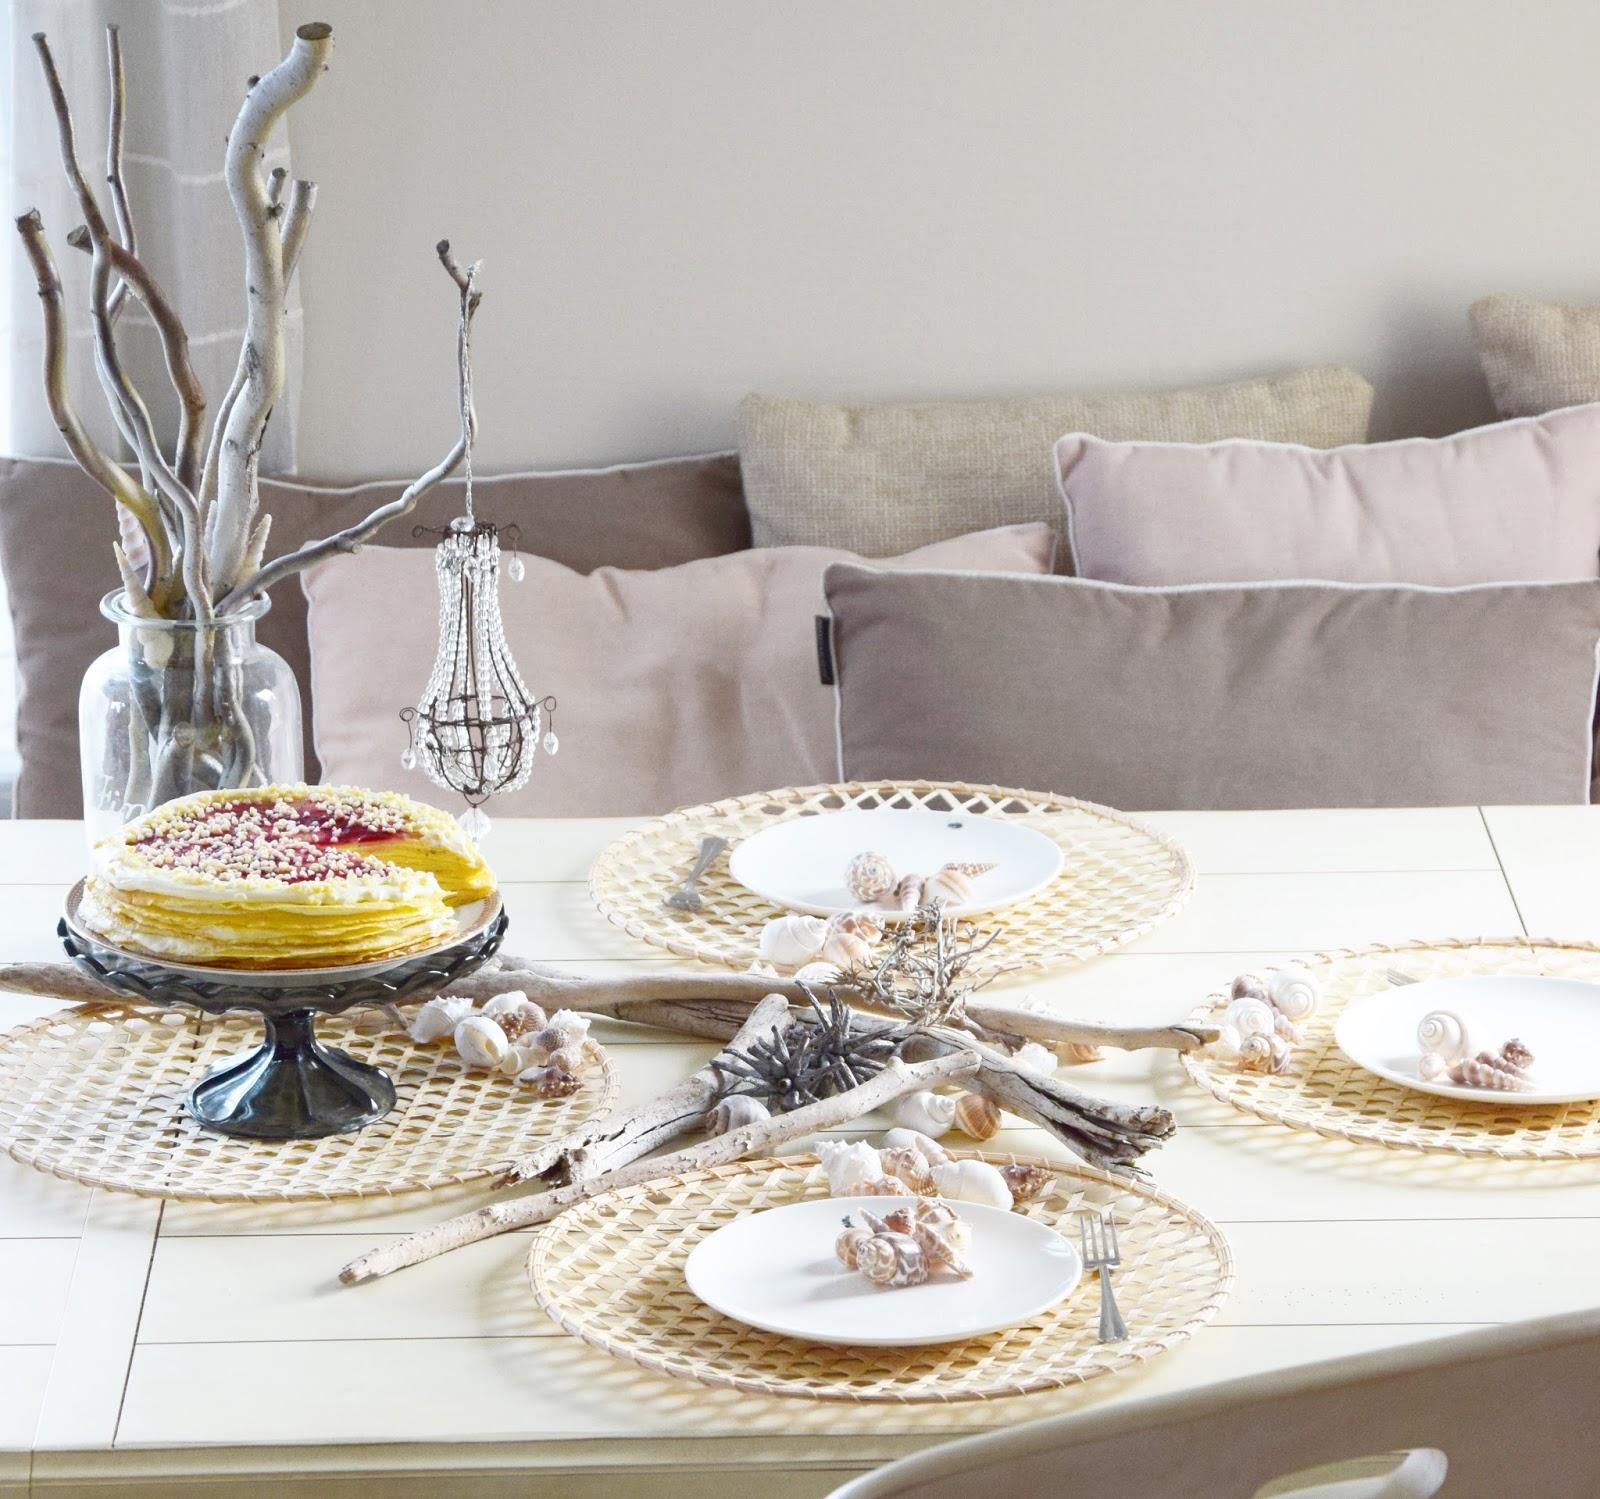 Tischdeko mit Monsieur Dupin: Strand, Muscheln und Crepestorte. Bretonische Kochbuch